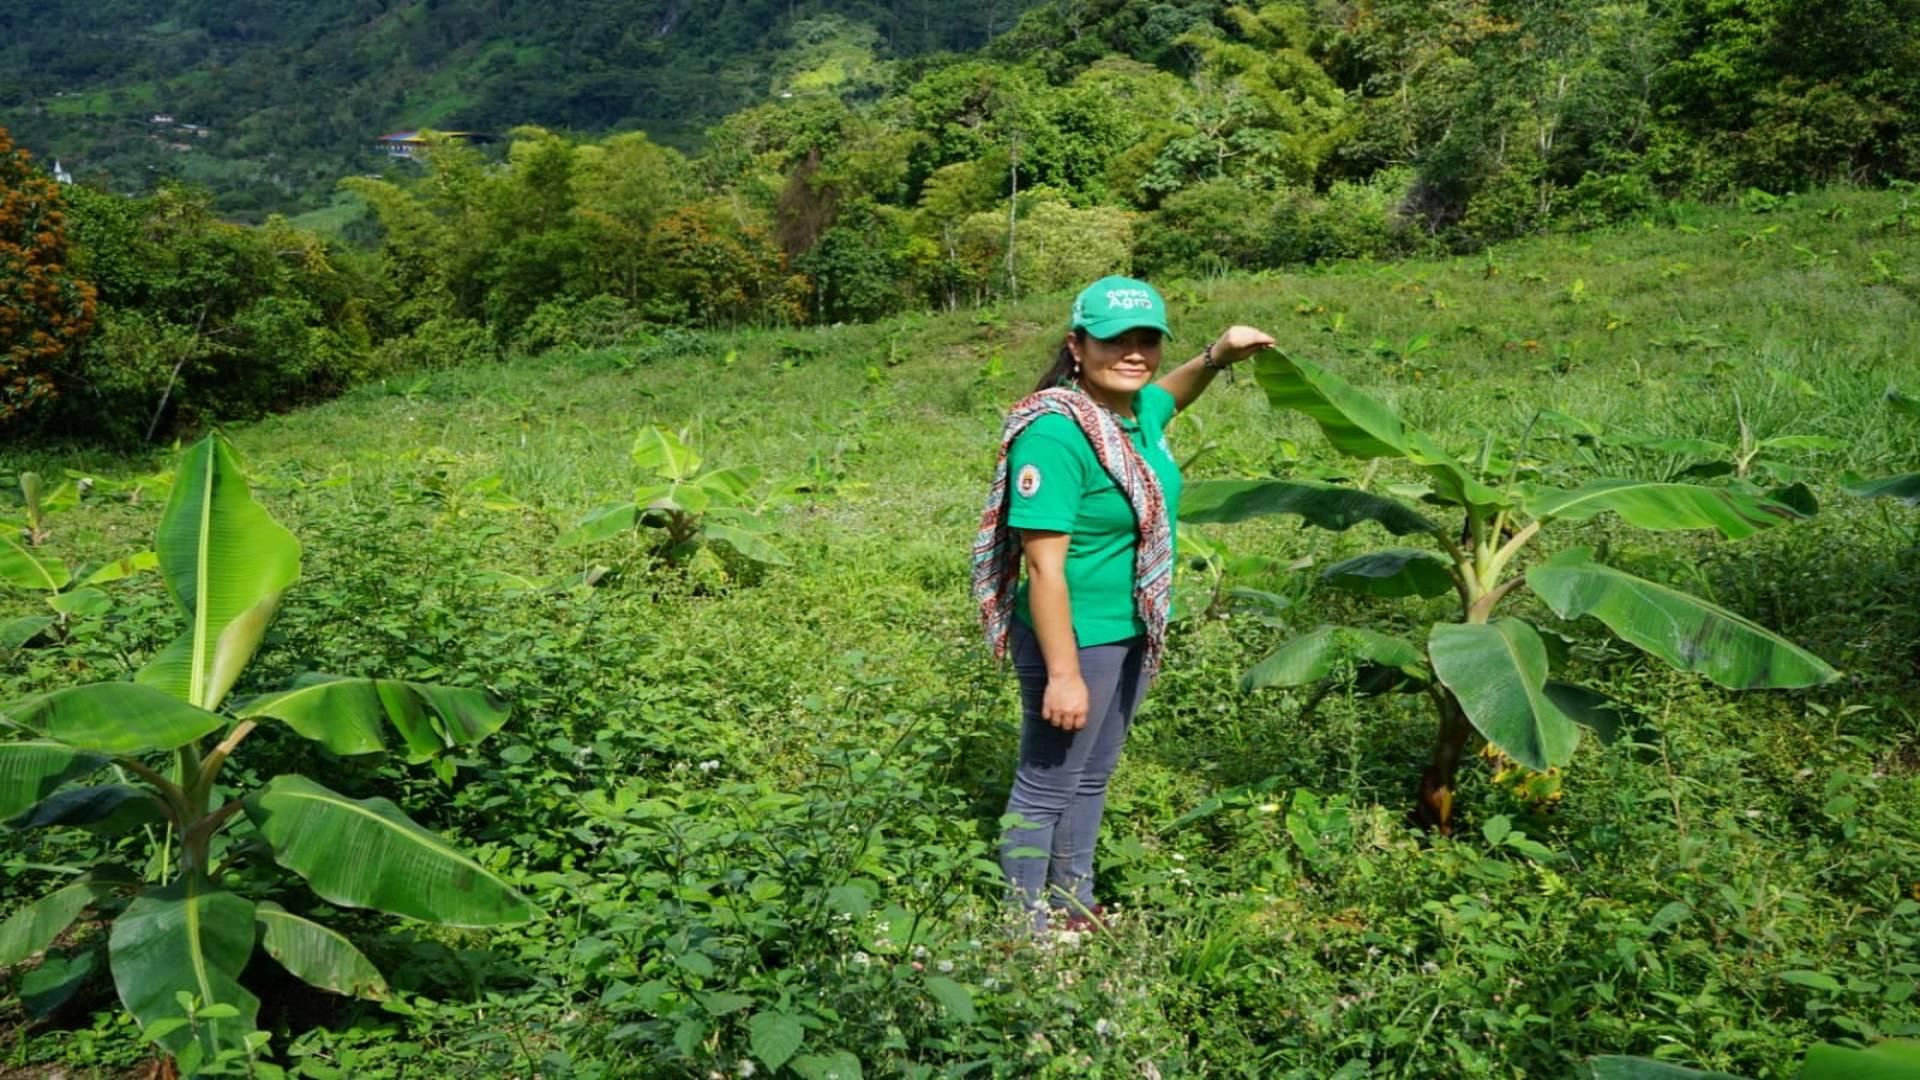 La iniciativa hace parte del proyecto Boyacá Agro